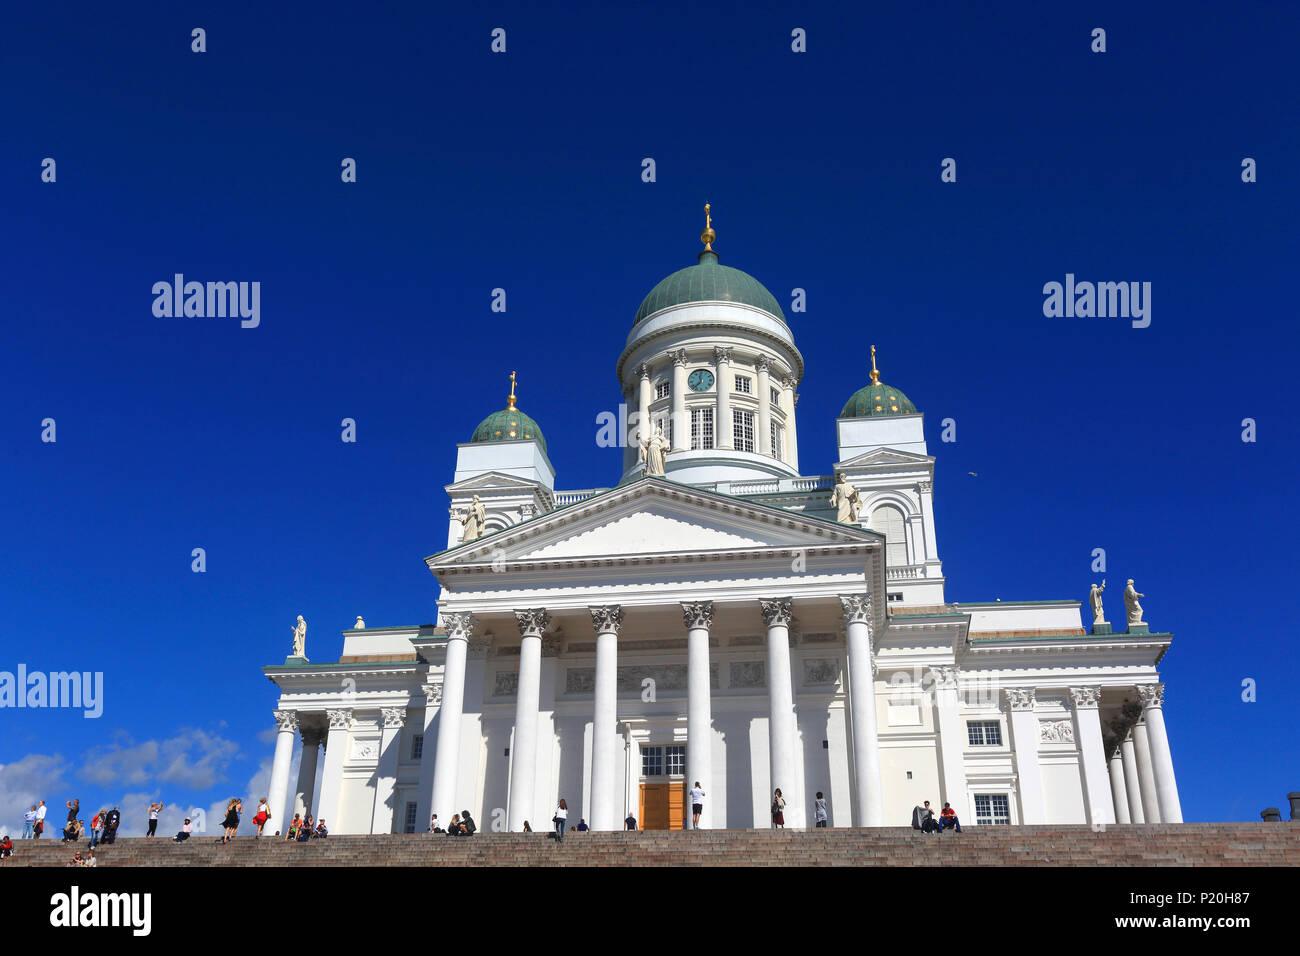 Europe, Finlande, Helsinki.  Senaatintori, Tuomiokirko, Lutheran Cathedral, dusk - Stock Image